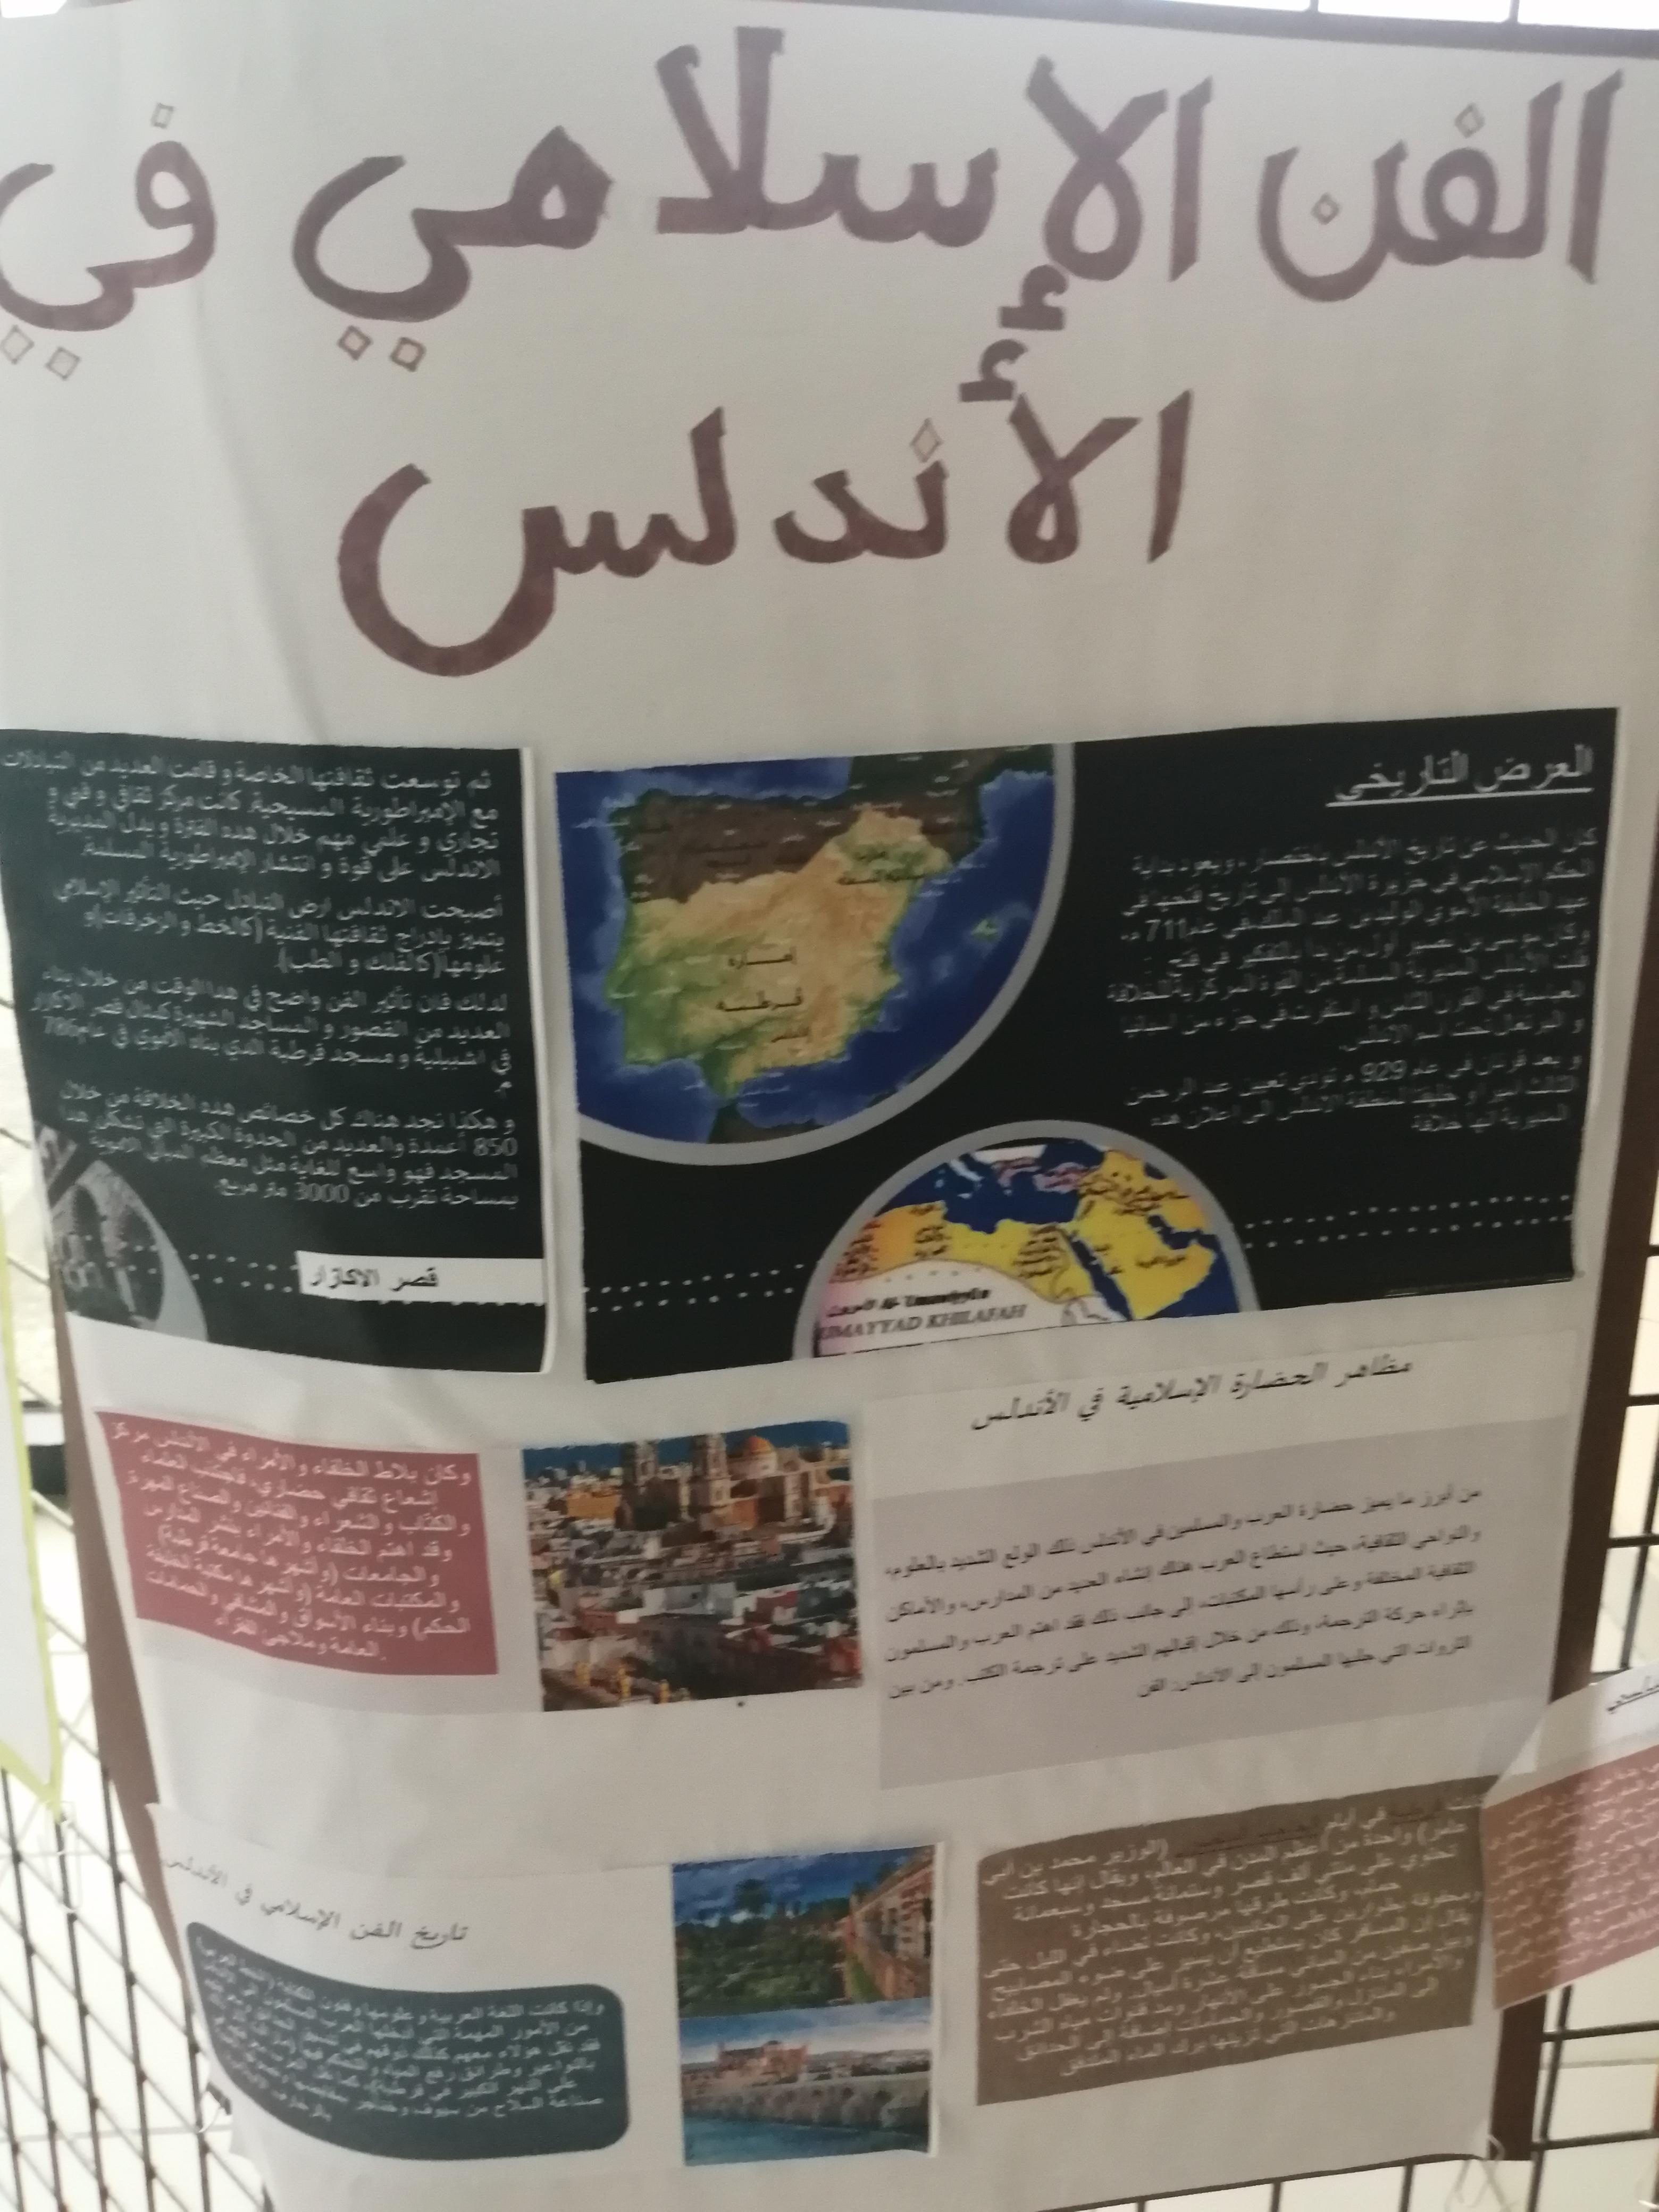 Exposé en arabe sur les Arts de l'islam à travers les dynasties-Classe de Mme Boughanmi